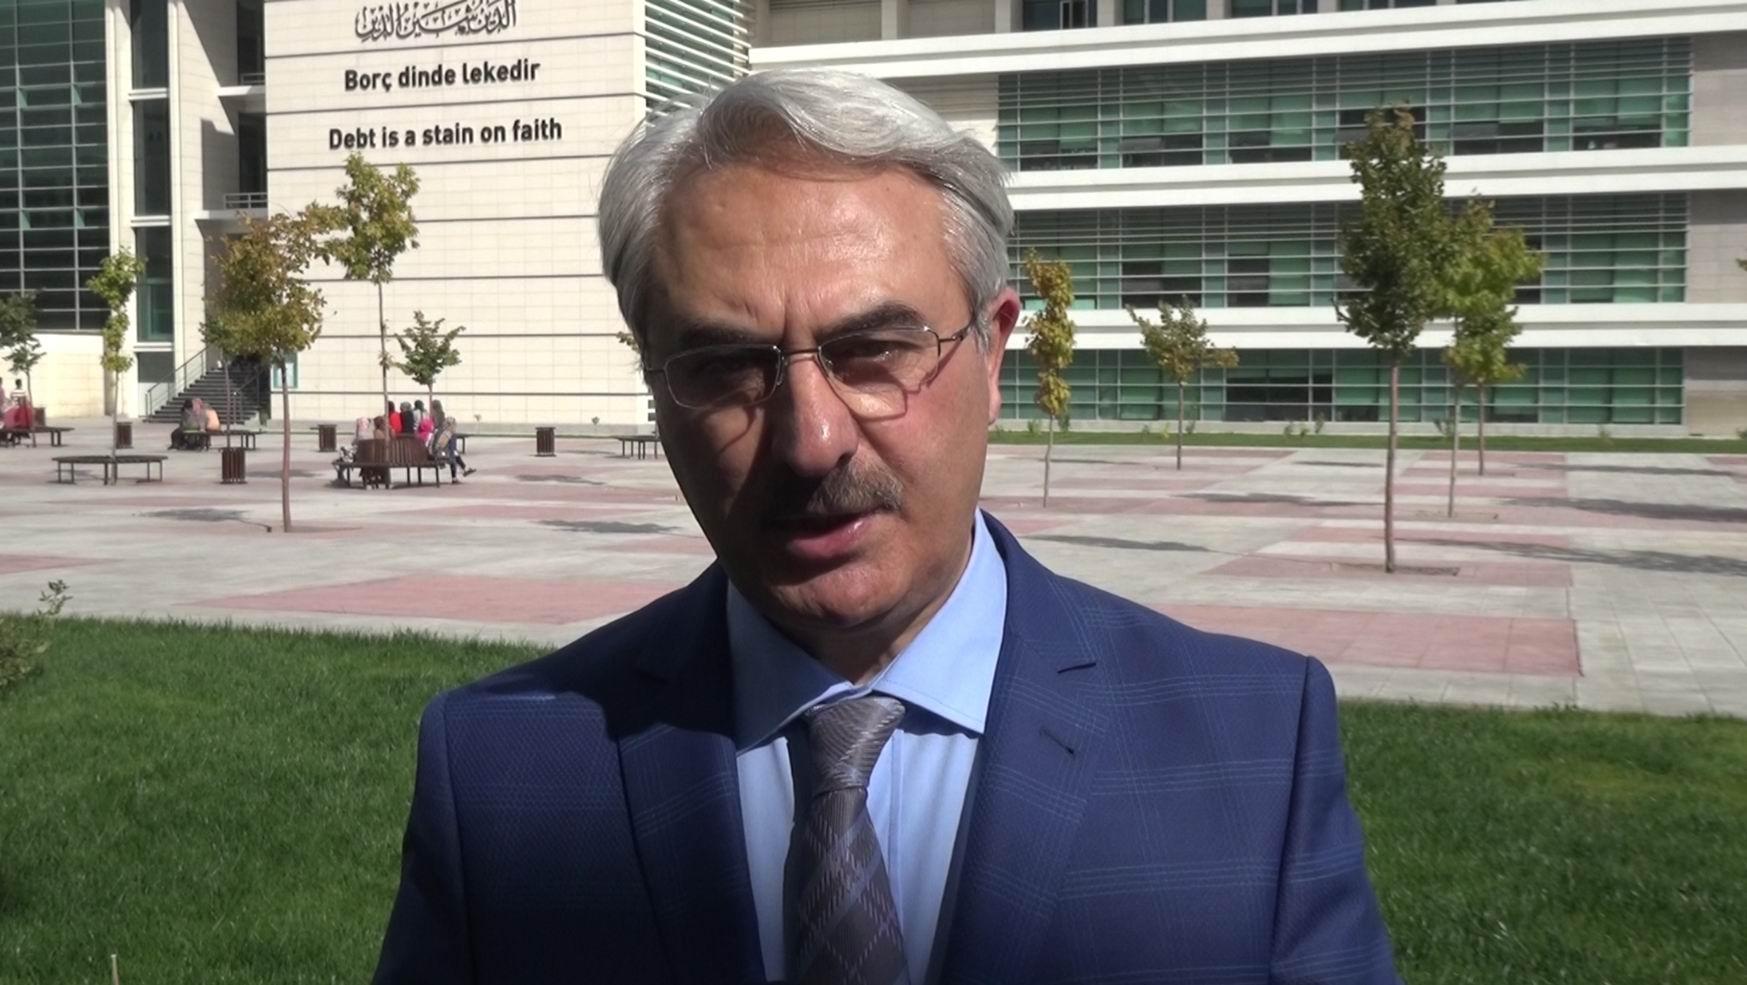 """Doç. Dr. Akdağ: """"Ahilik kültürü ülkemizin dirilişine katkı sağlayacaktır"""""""